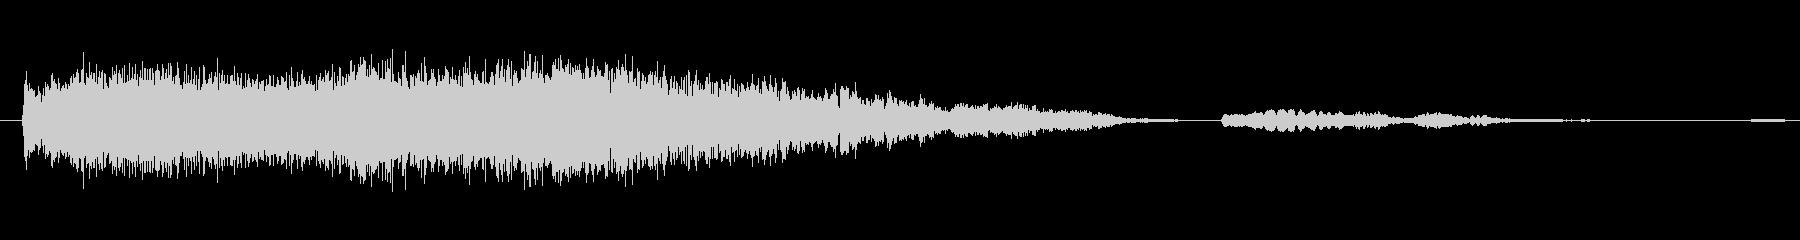 素材 シンセベルズロールハイ03の未再生の波形